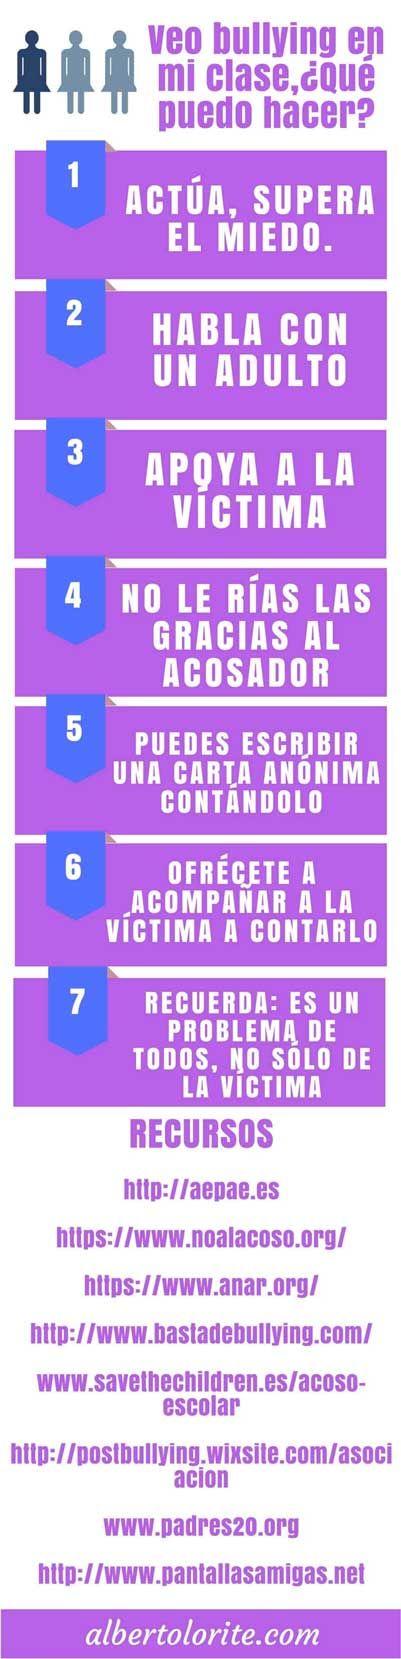 Guía de acciones para prevenir y solucionar casos de bullying escolar. Información y recursos para víctimas, padres, profesores y compañeros + 5 infografías